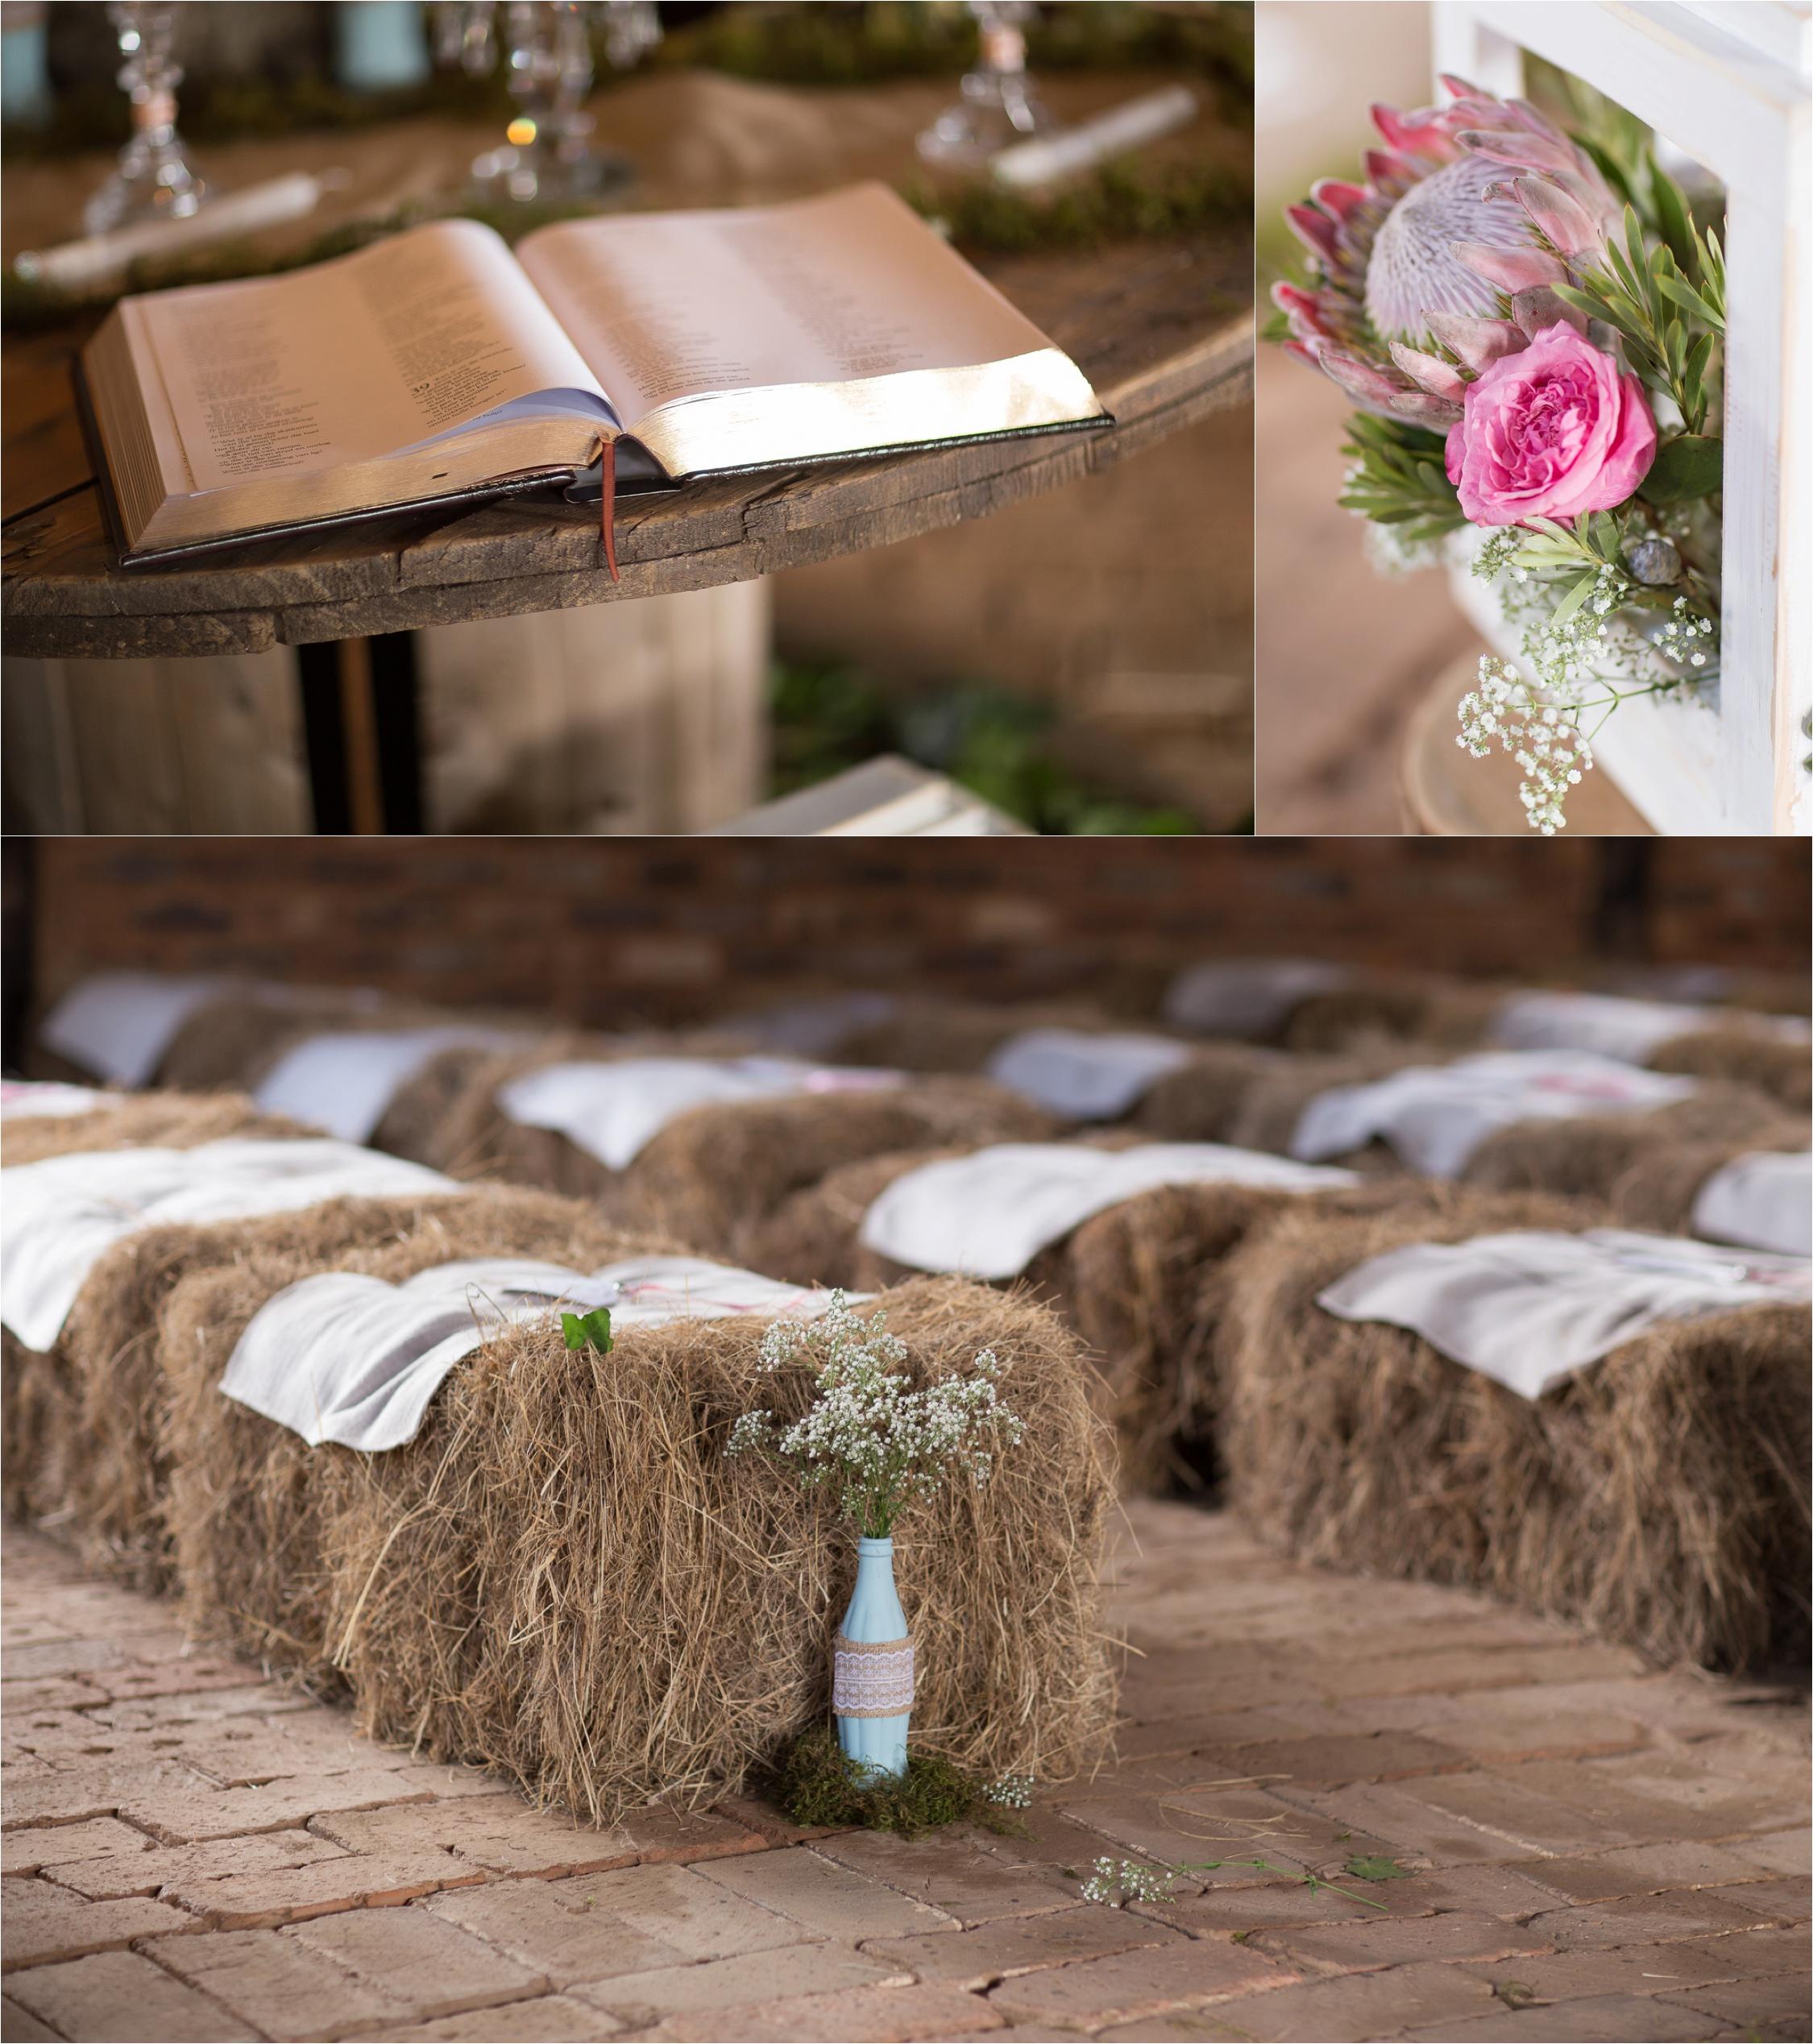 Die_Waenhuiskraal_wedding_Alicia_Dwayne_38